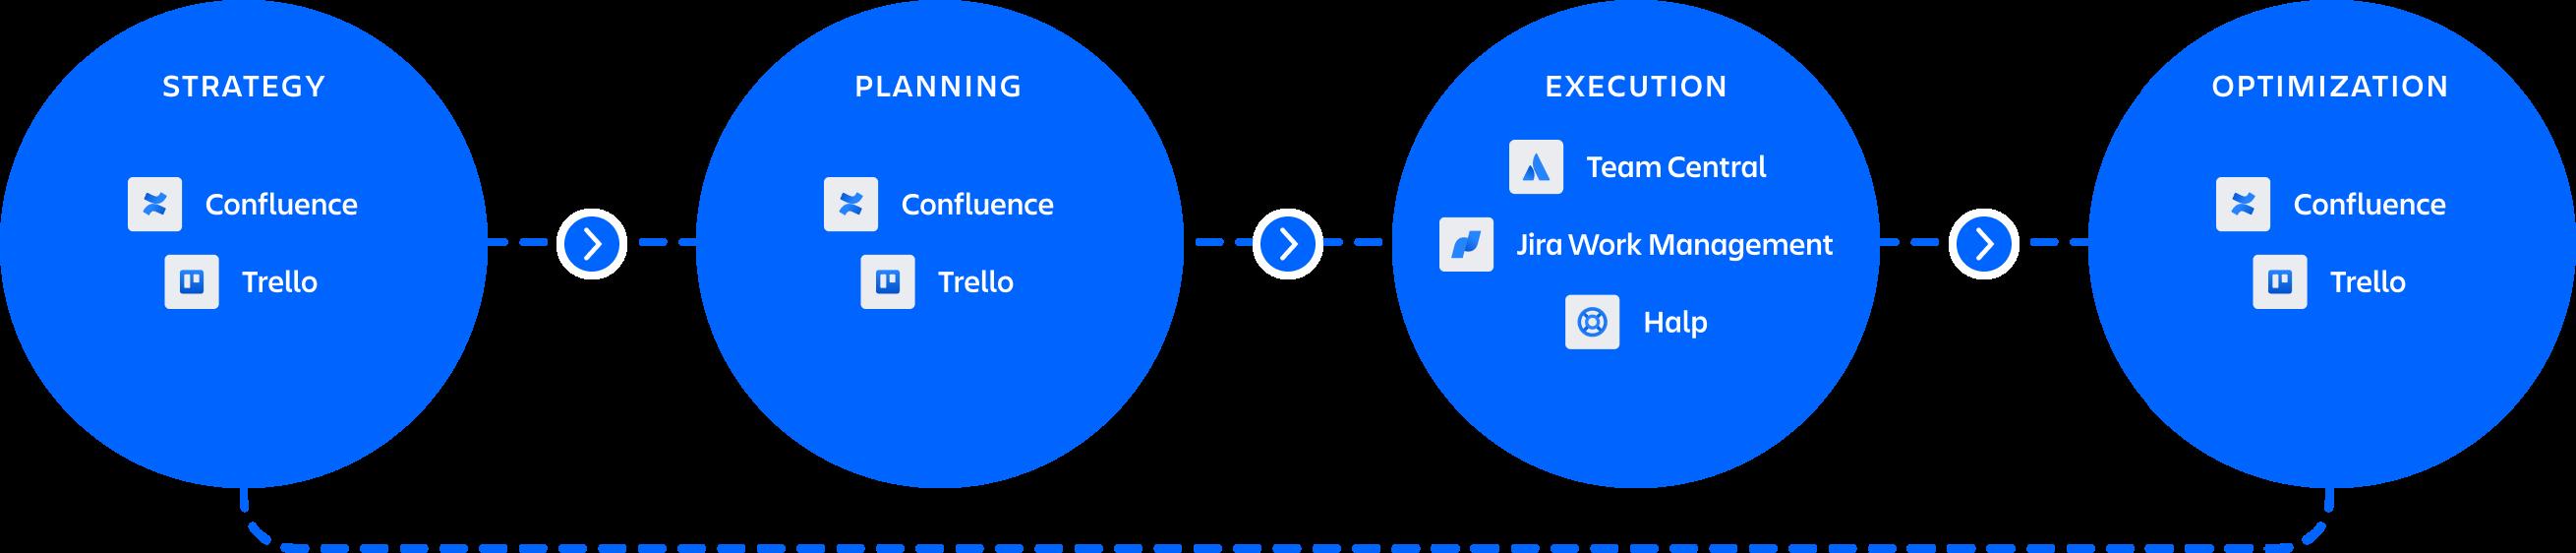 Grafik mit den Produkten für den Bewerbungsprozess (Confluence und Jira Work Management) und Produkten für das Onboarding (Trello und Jira Work Management)